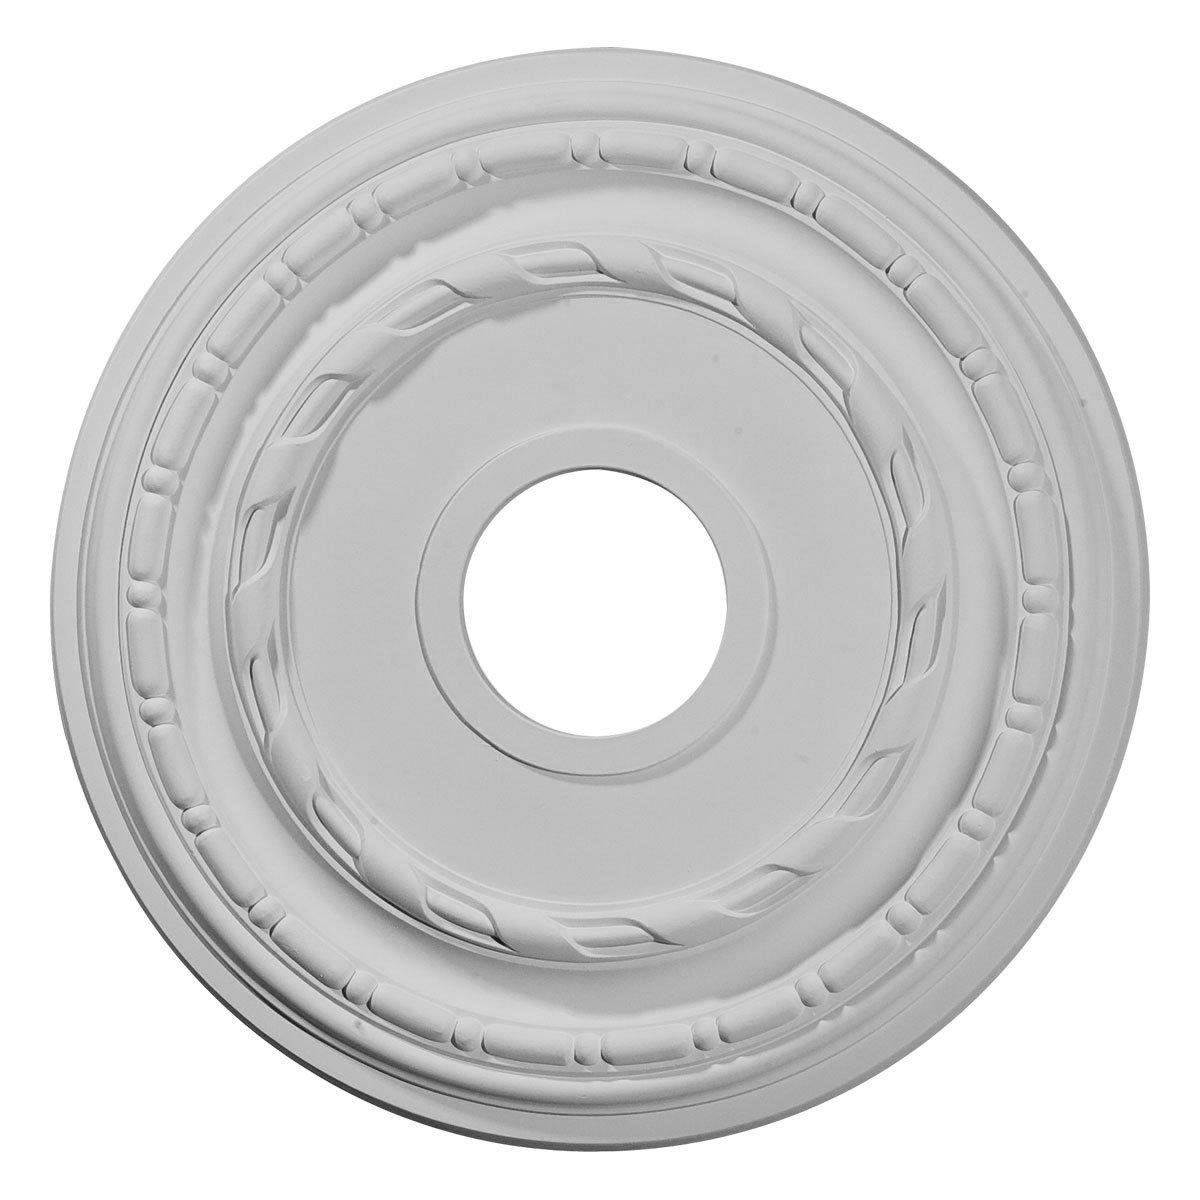 Ekena Millwork CM15DU 15 3/8-Inch OD x 3 5/8-Inch ID x 1-Inch Dublin Ceiling Medallion